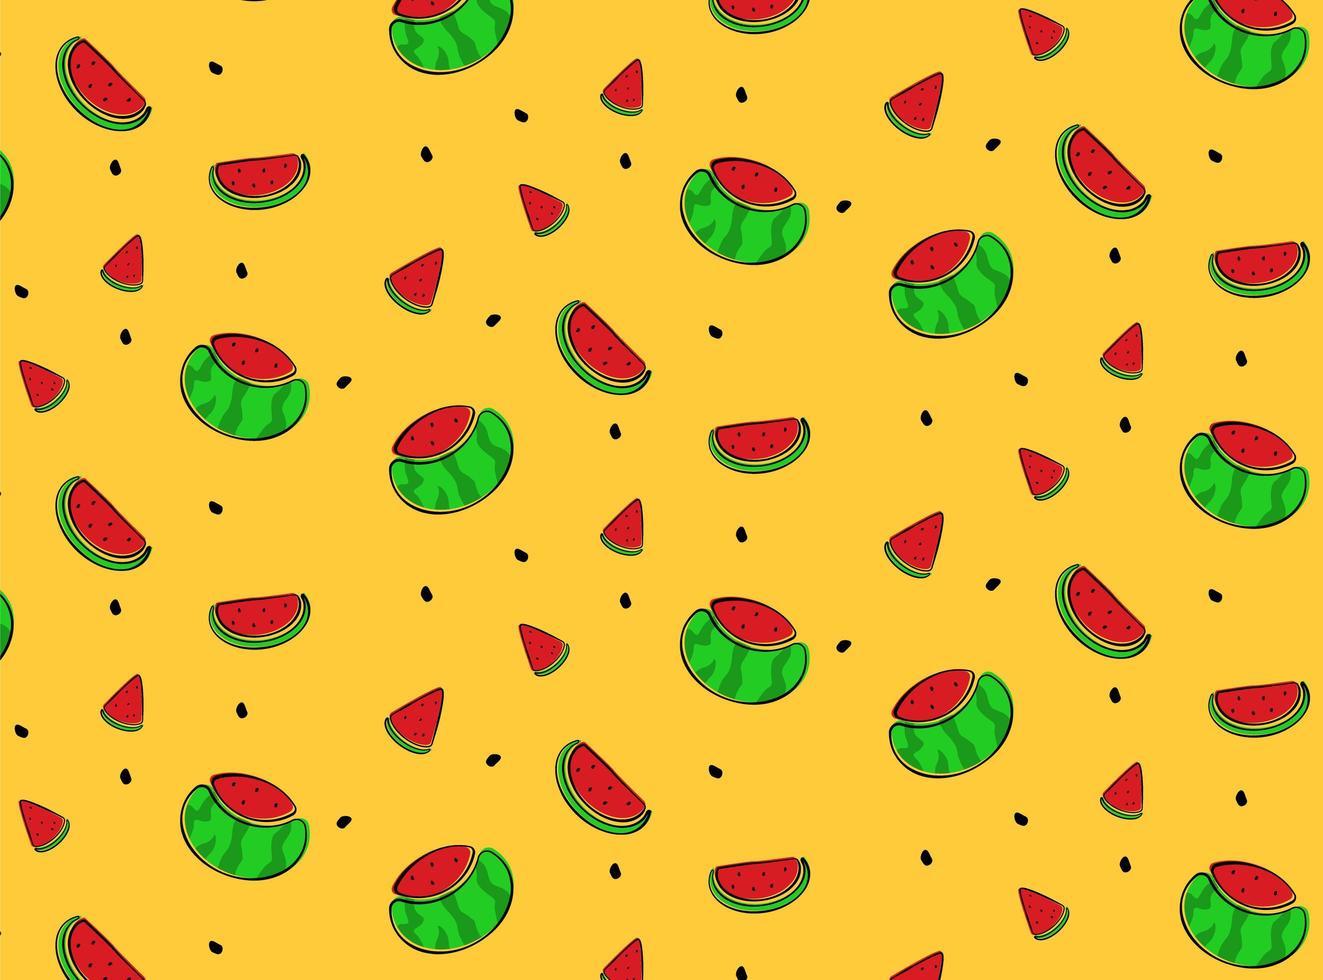 Wassermelone Hand gezeichnetes Muster vektor